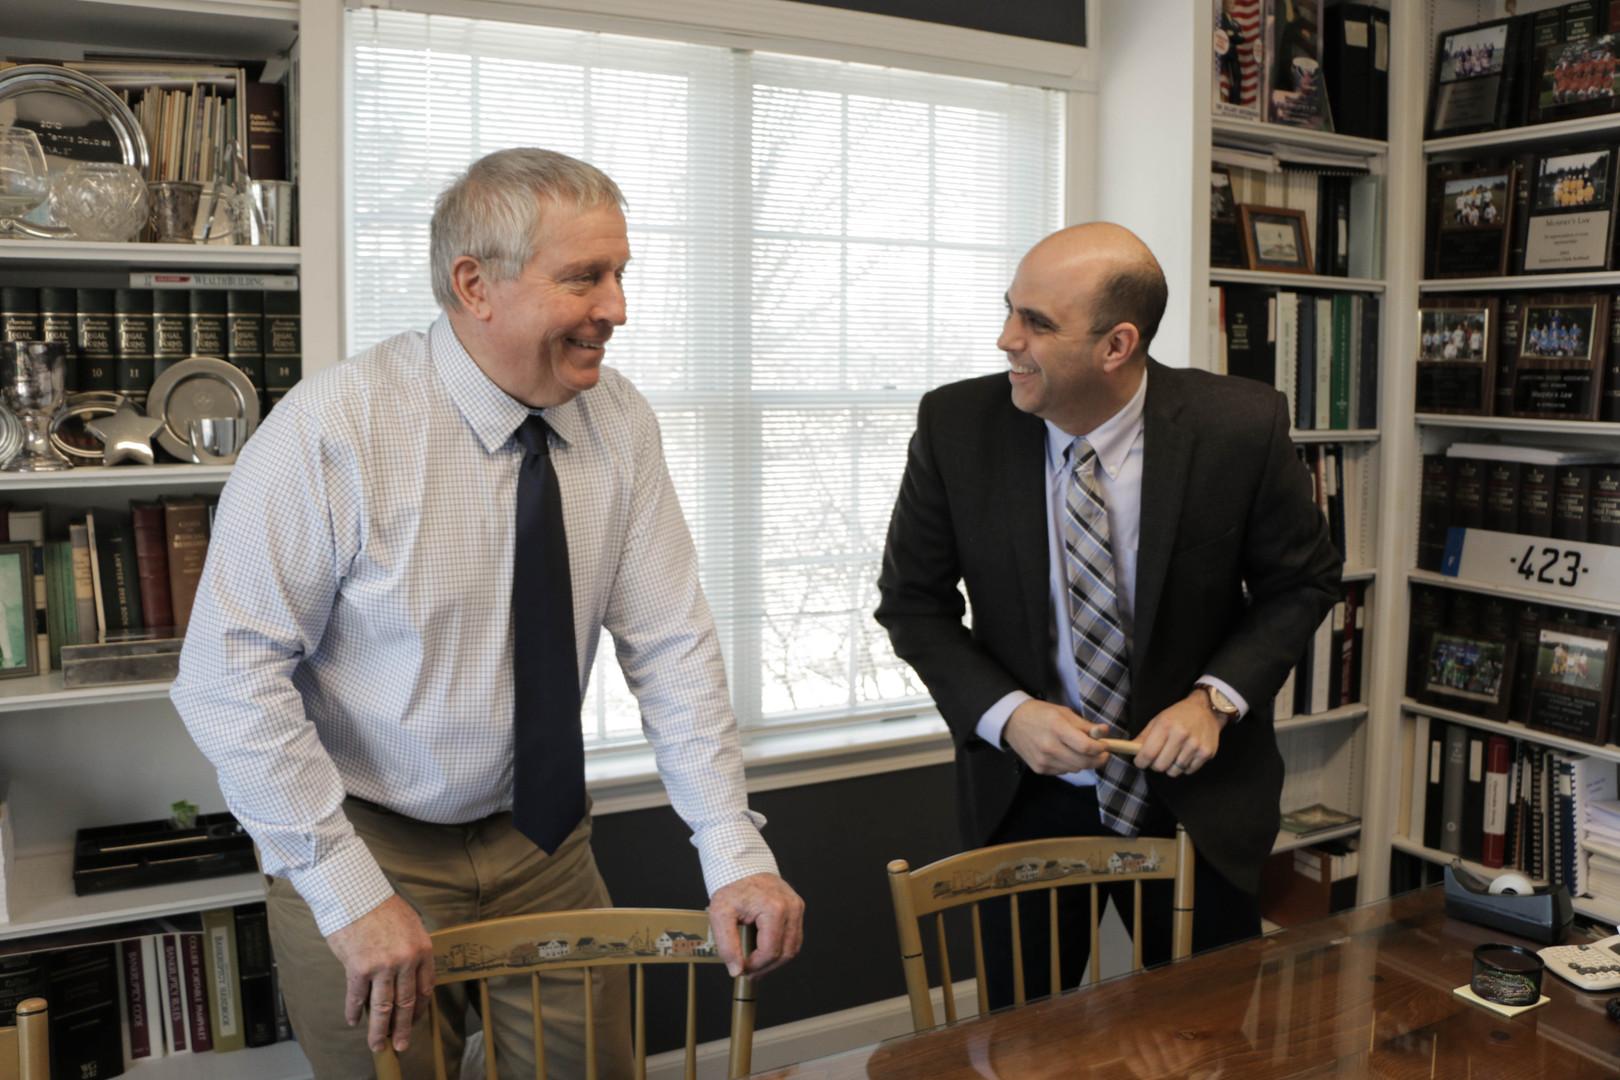 John A. Murphy with Christian S. Infantolino at Morneau & Murphy Office, Jamestown Rhode Island